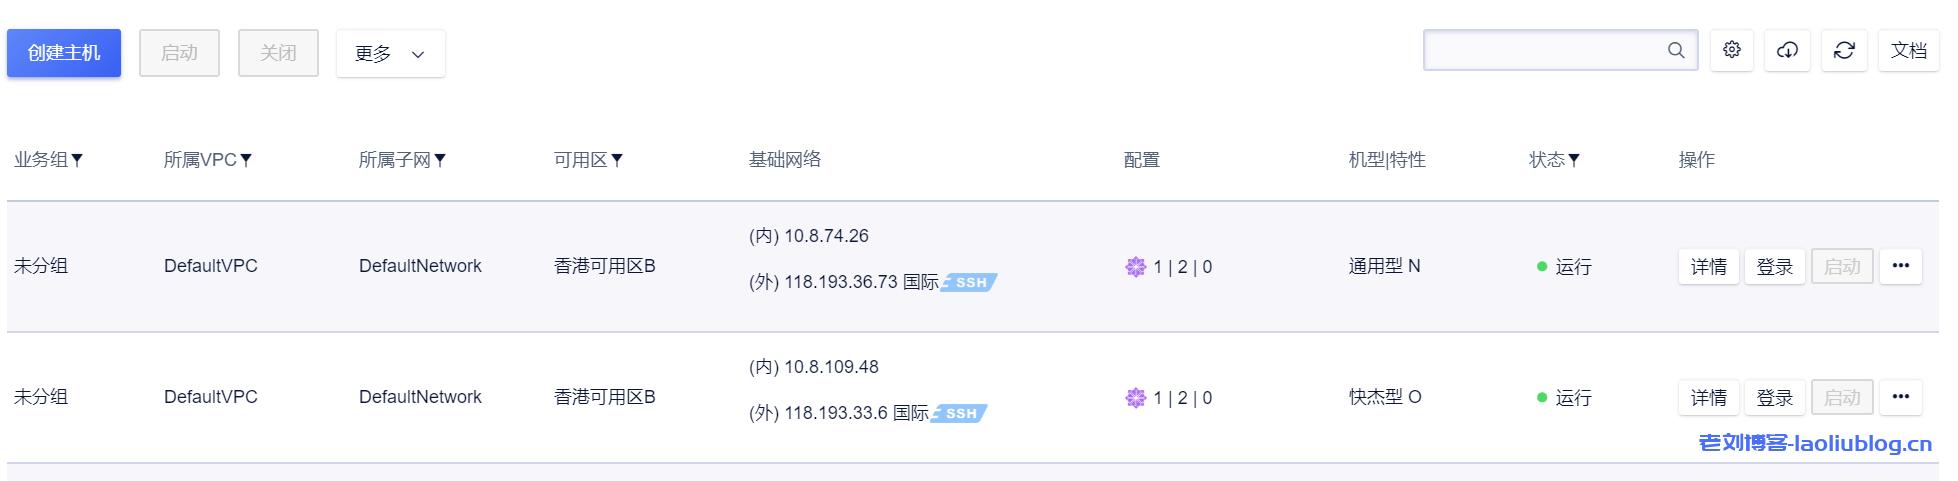 优刻得1C2G2M香港通用型与快杰型云主机性能测评对比